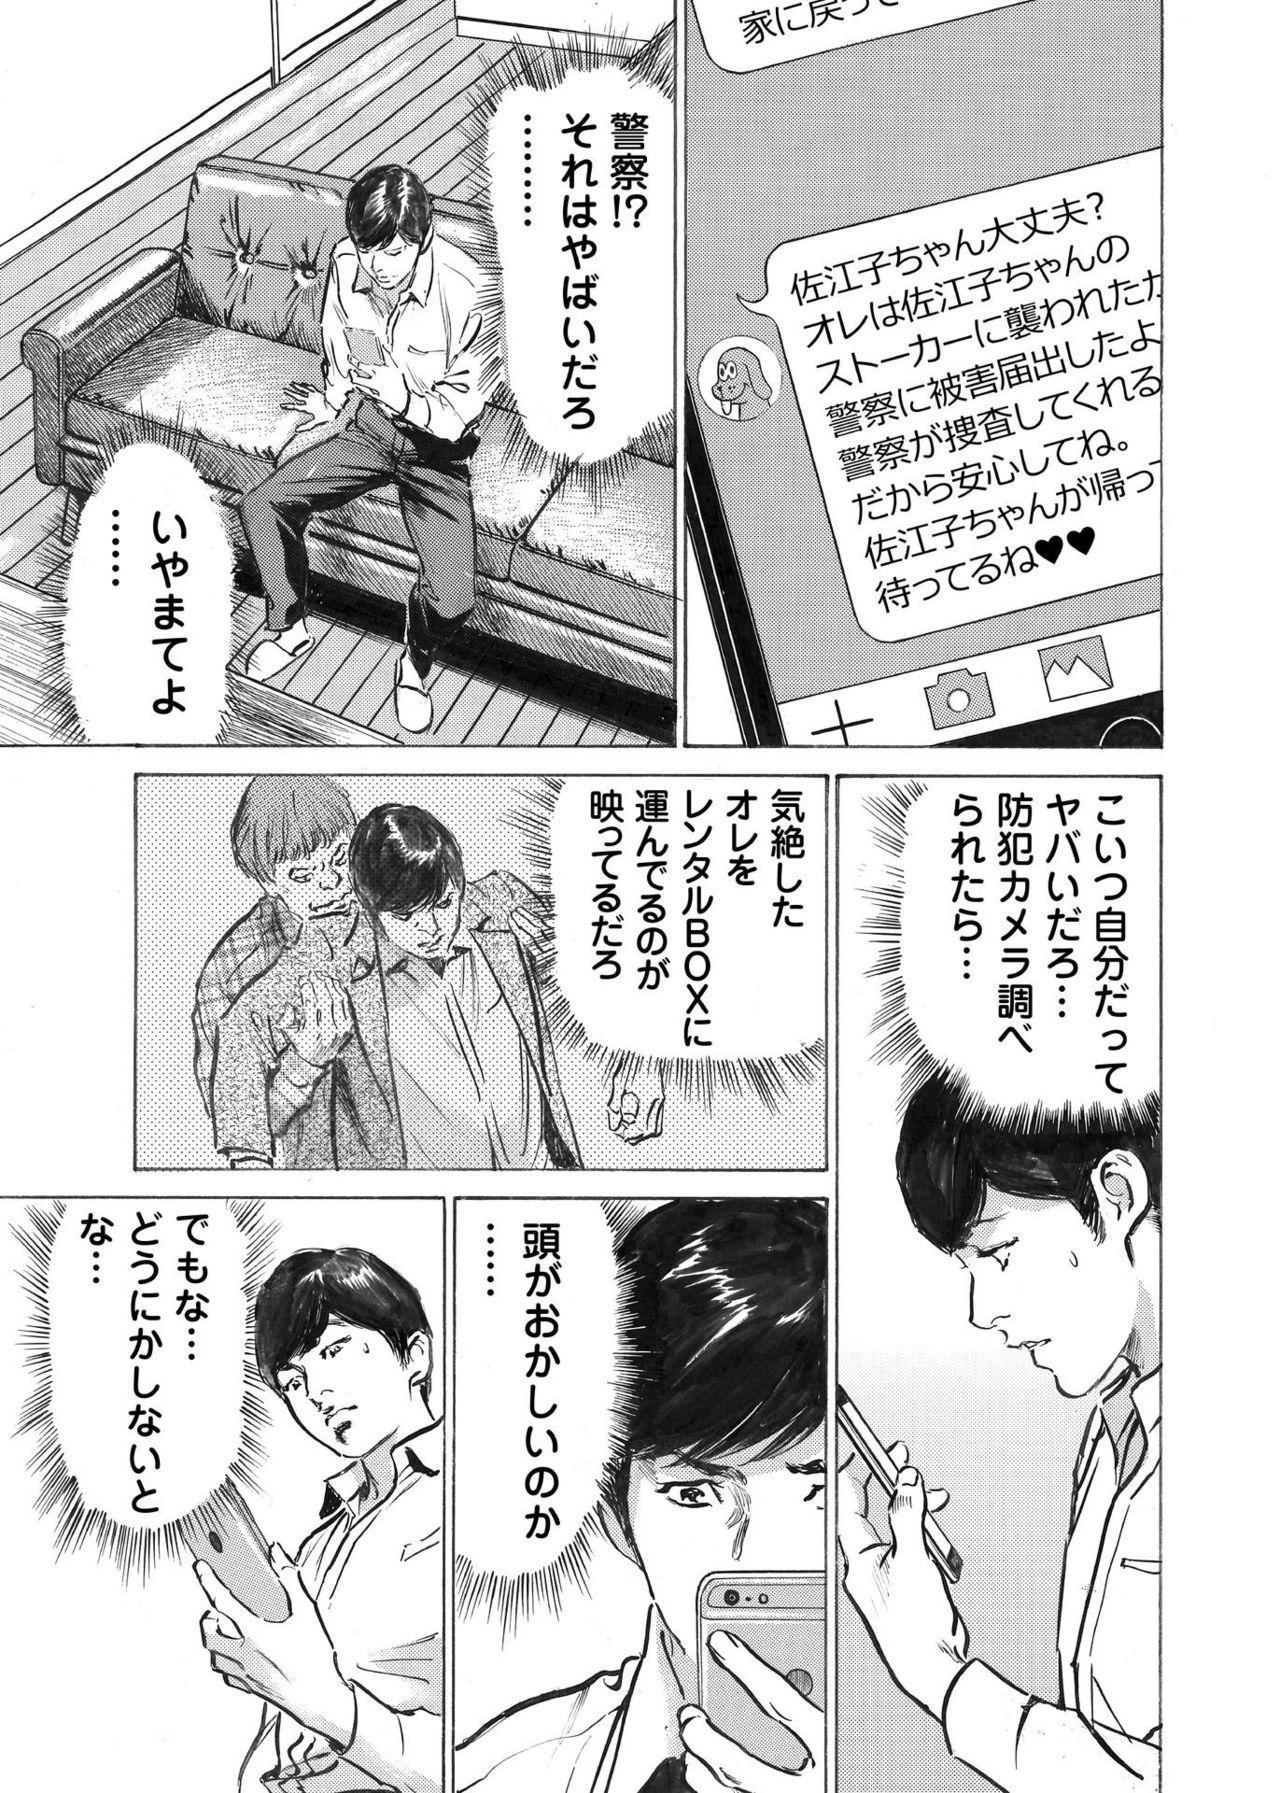 Ore wa Tsuma no Koto o Yoku Shiranai 1-9 137